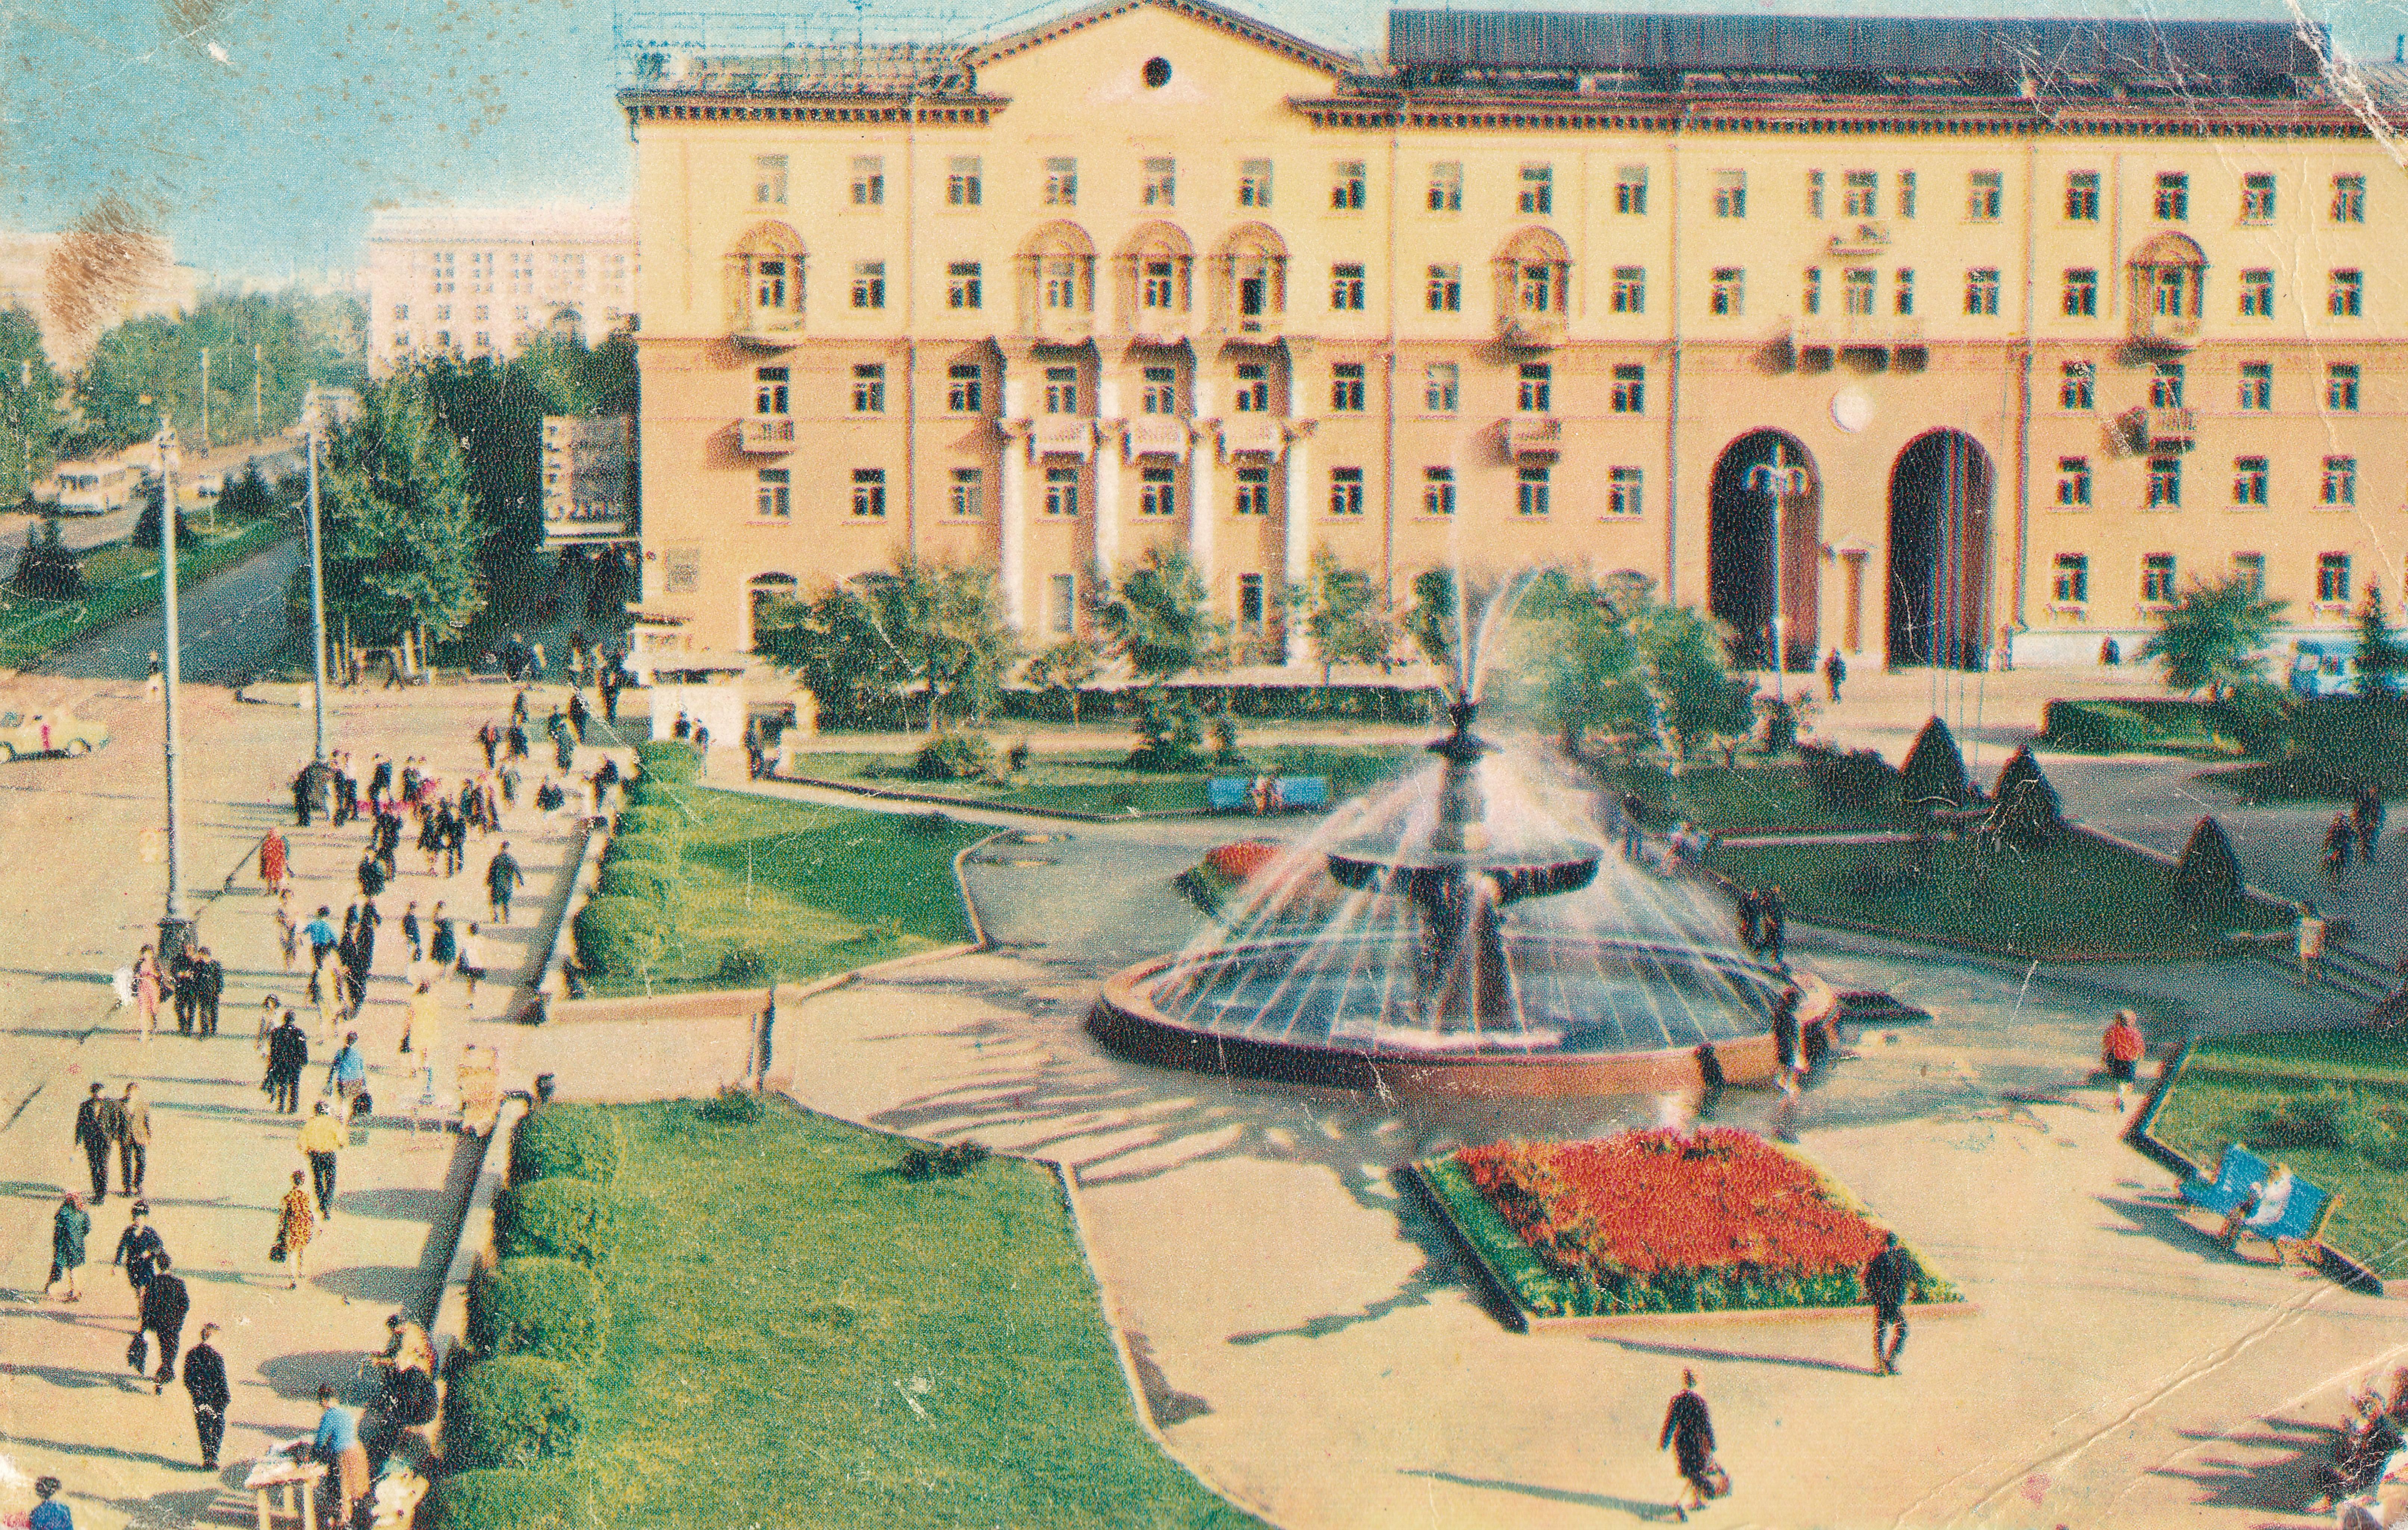 открытки кемерово 1972 владелец заведения подбирает